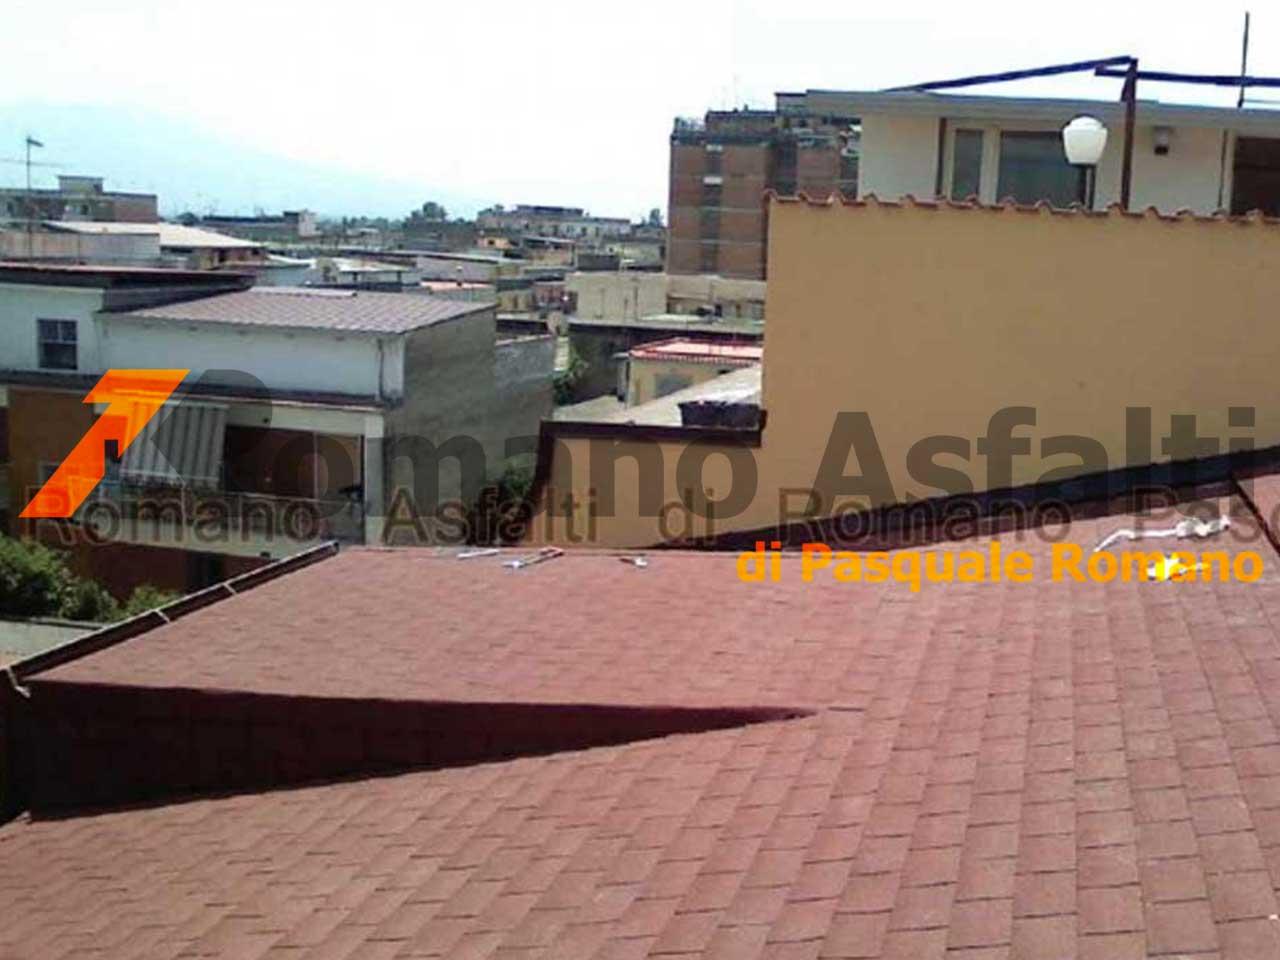 Soluzioni tetto napoli impermeabilizzazioni e non solo for Montaggio tetto in legno ventilato